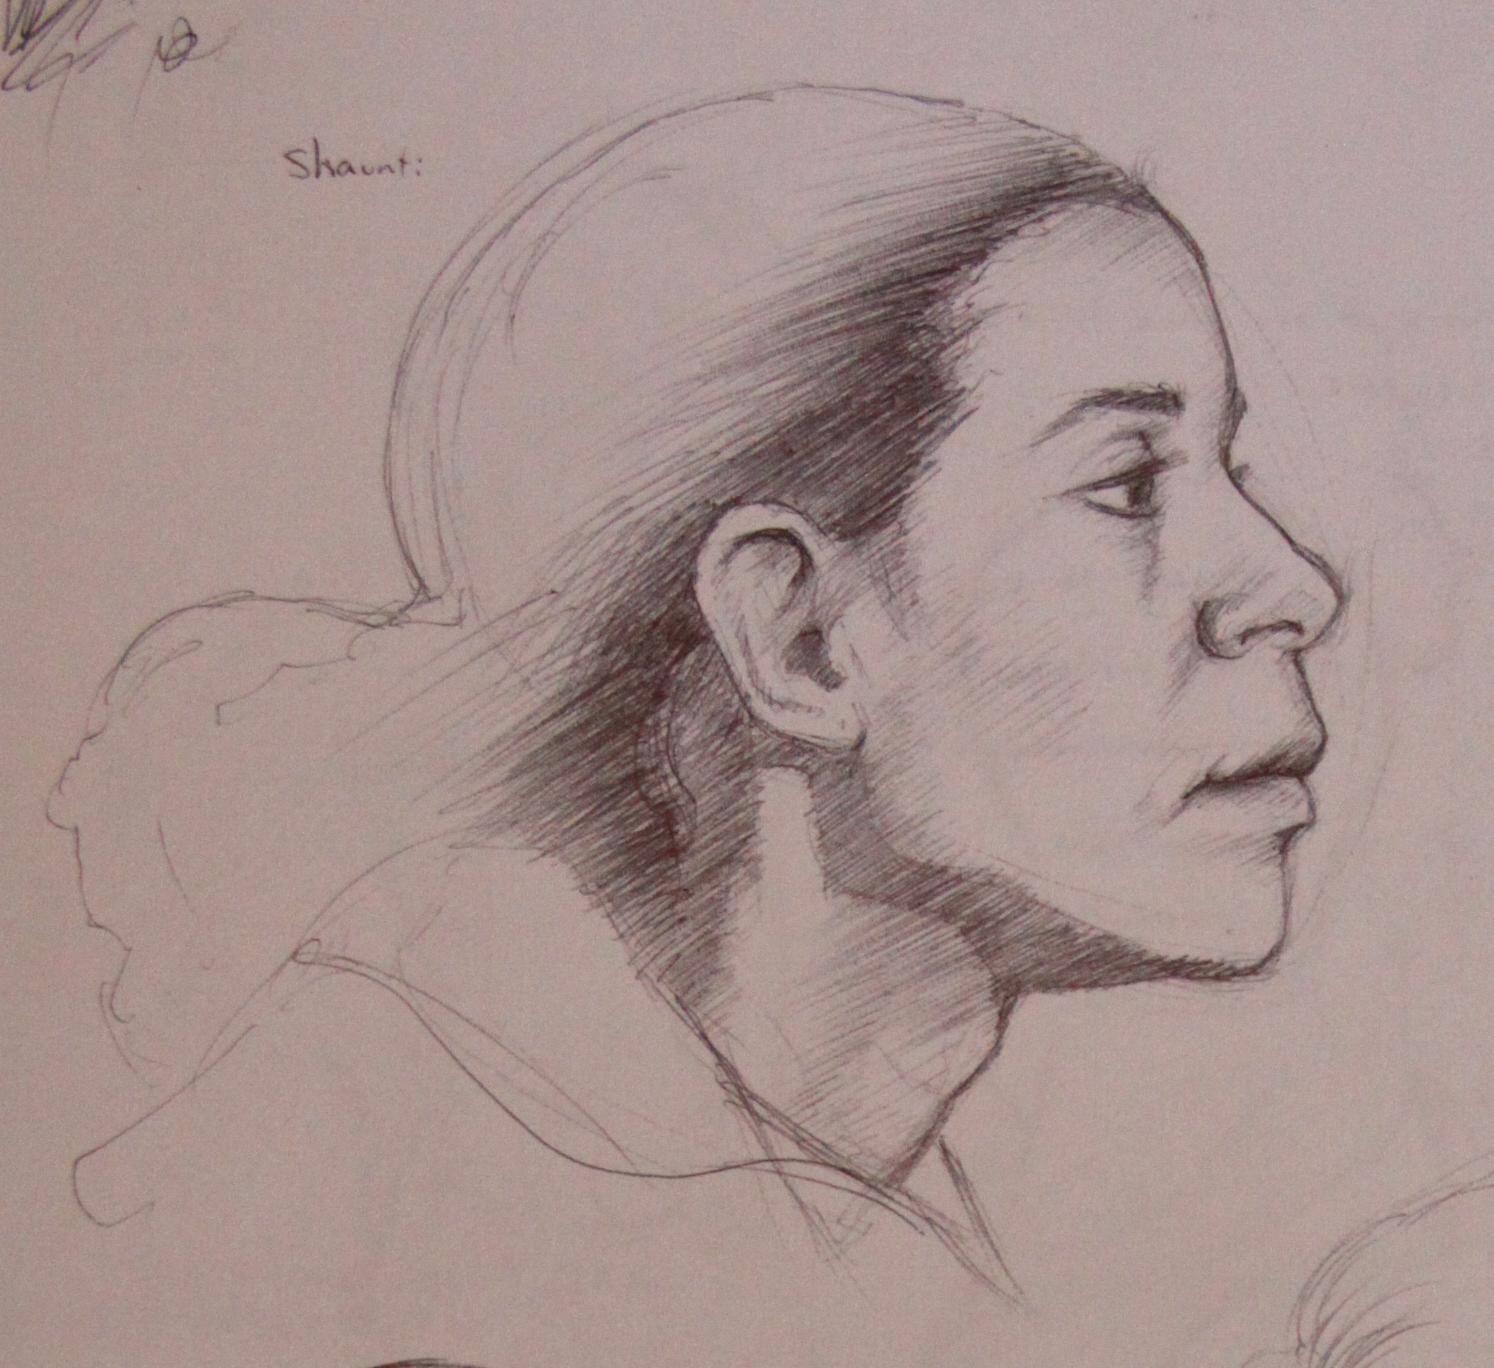 Shaunti sketch 1.jpg